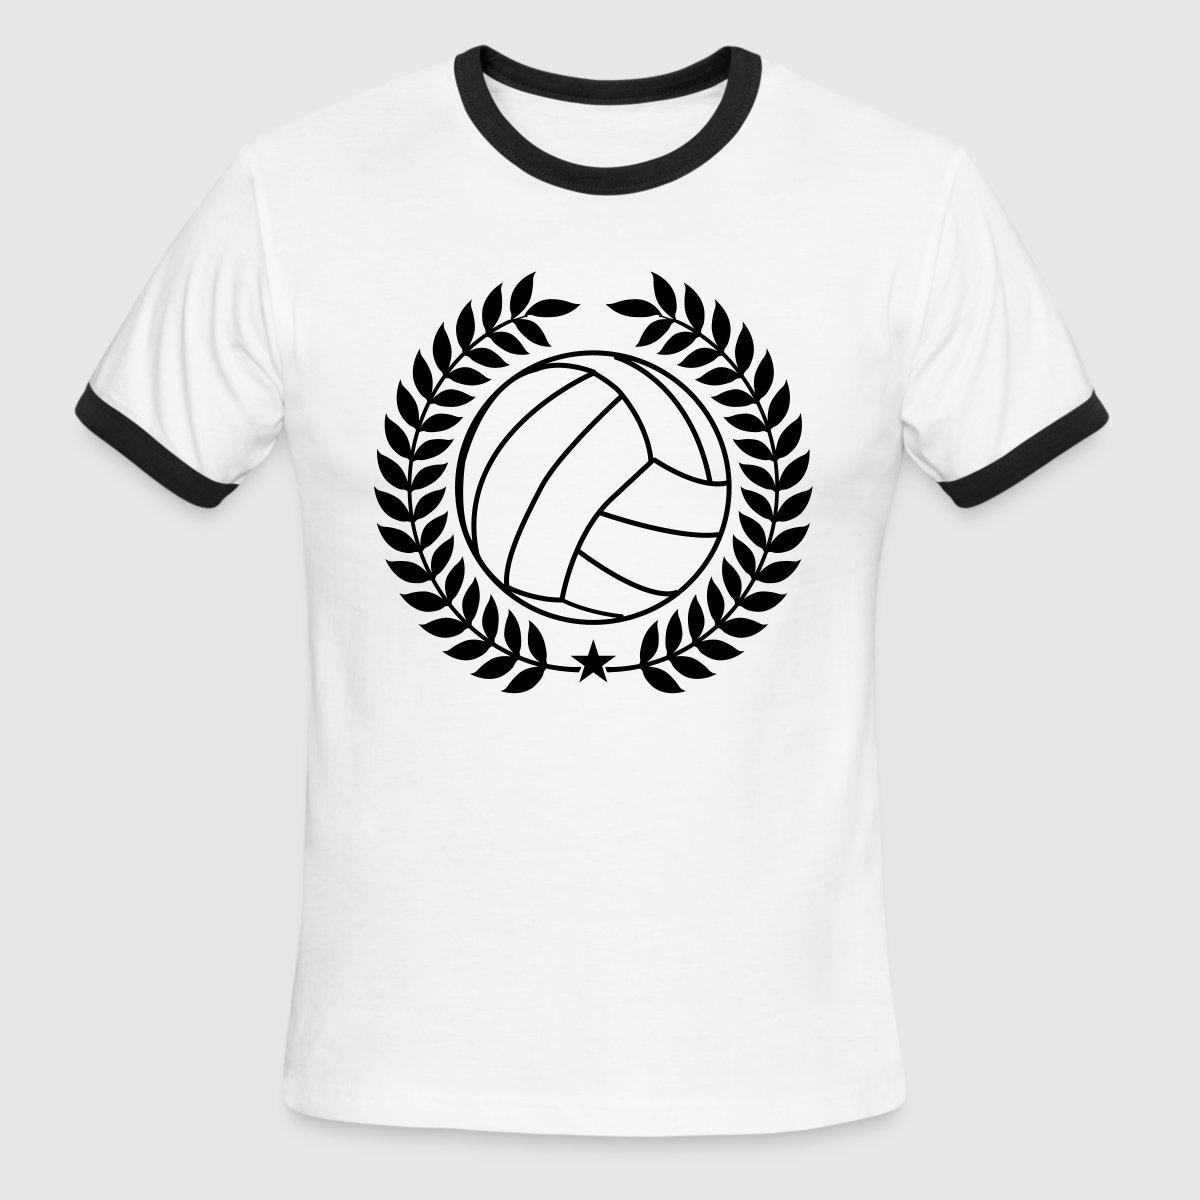 Volleyball Team T Shirt Design Ideas | Lauren Goss